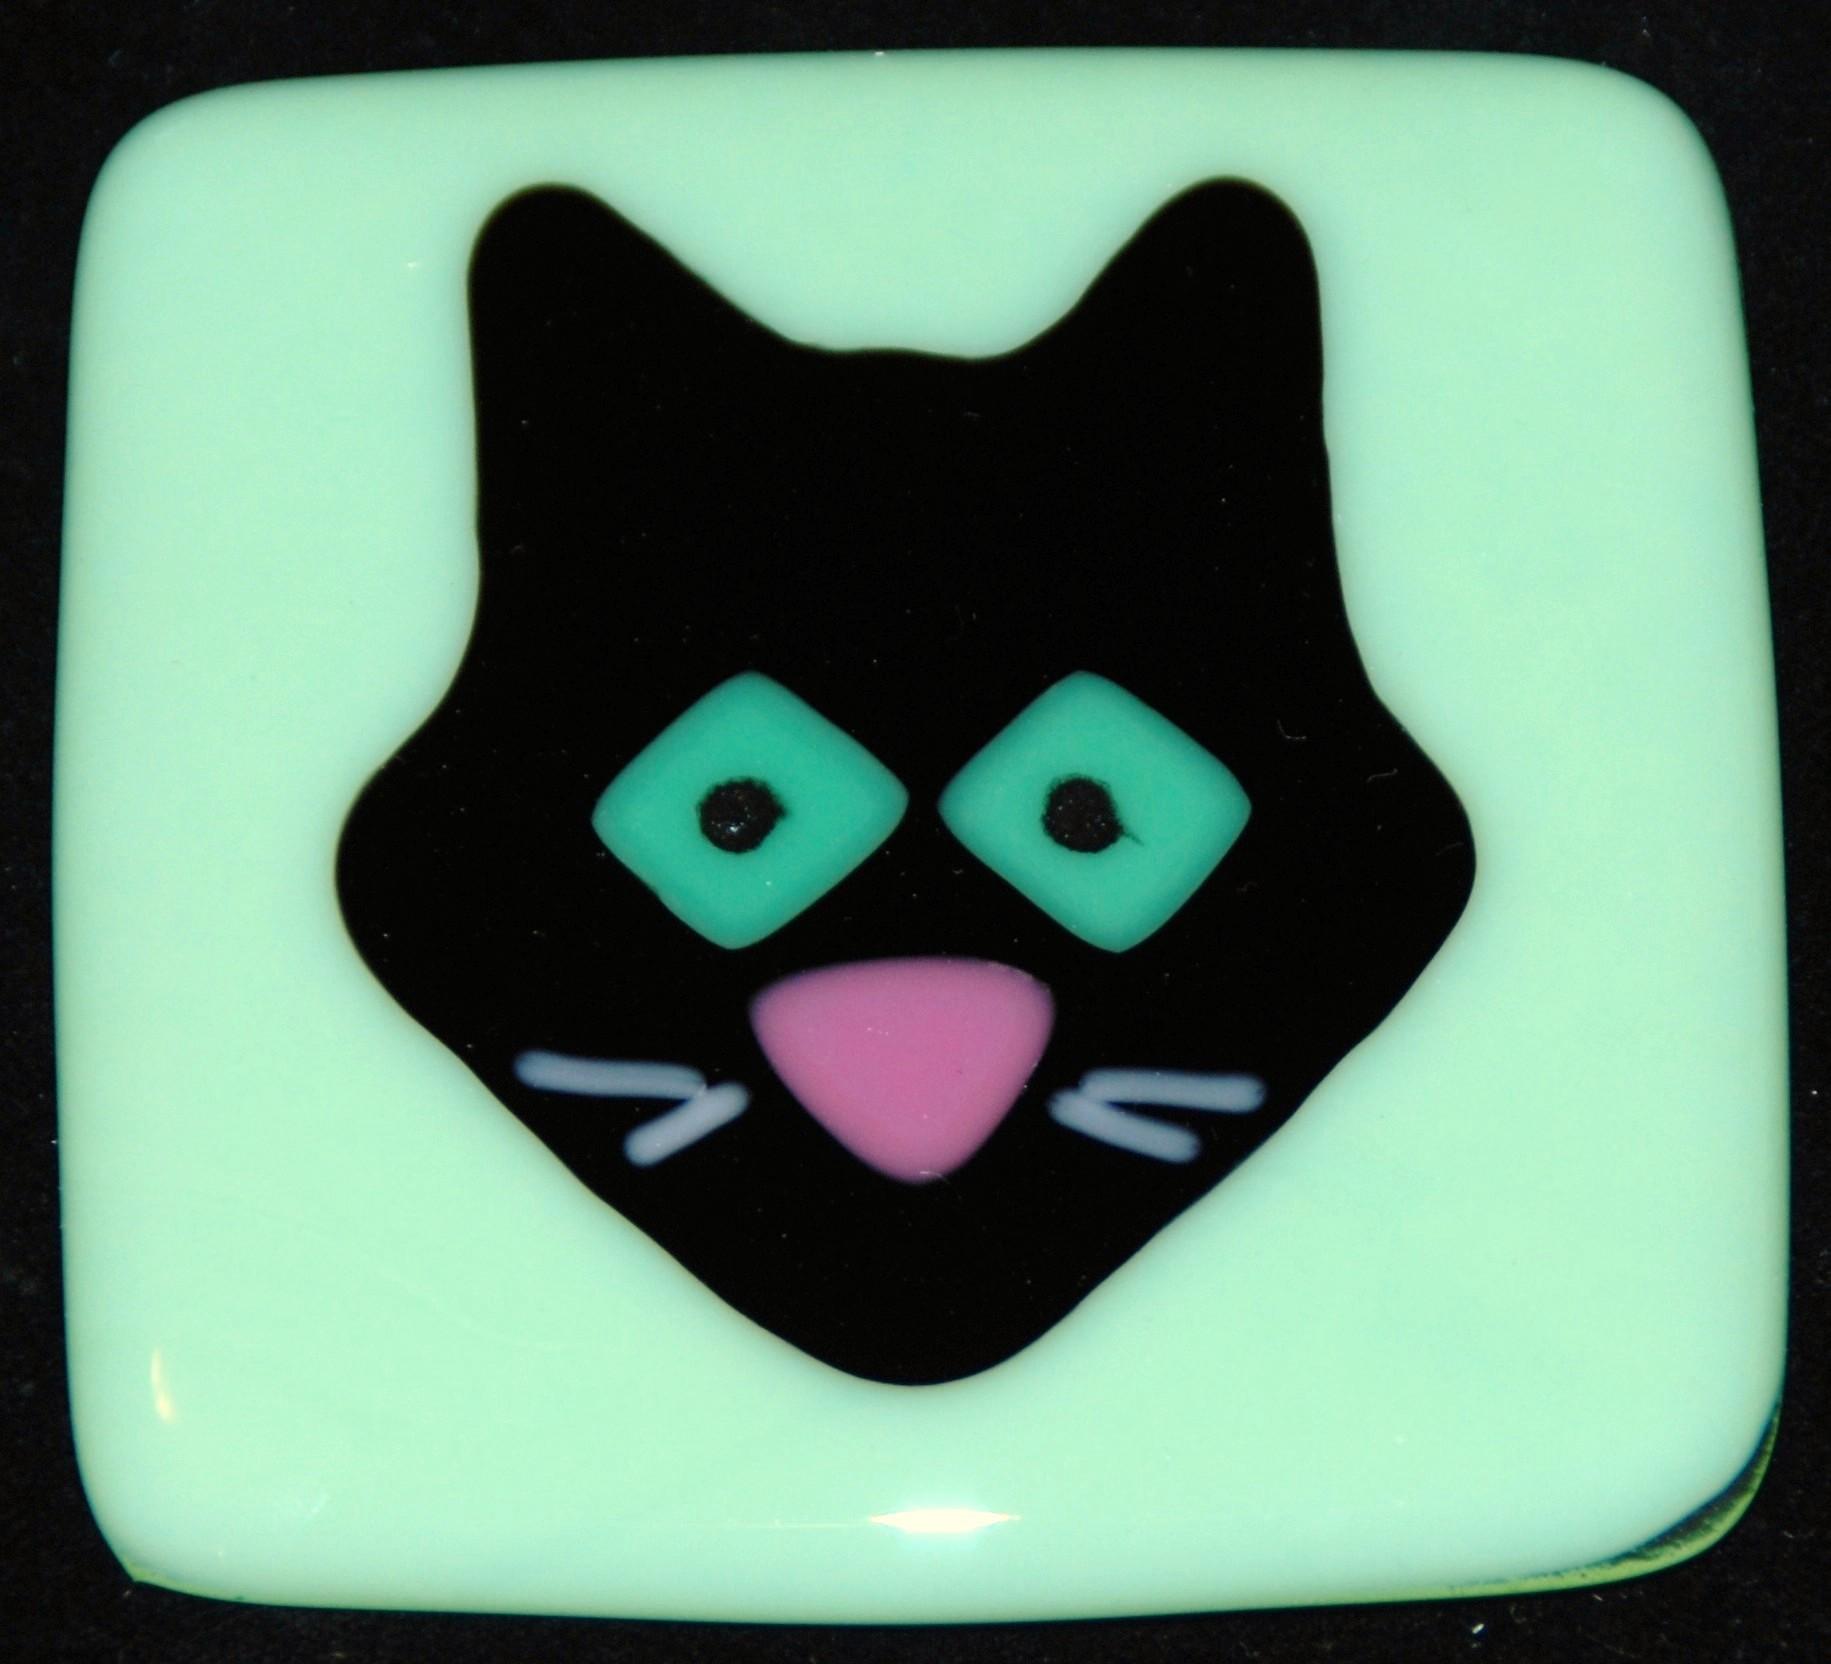 black cat on mint green glass.JPG